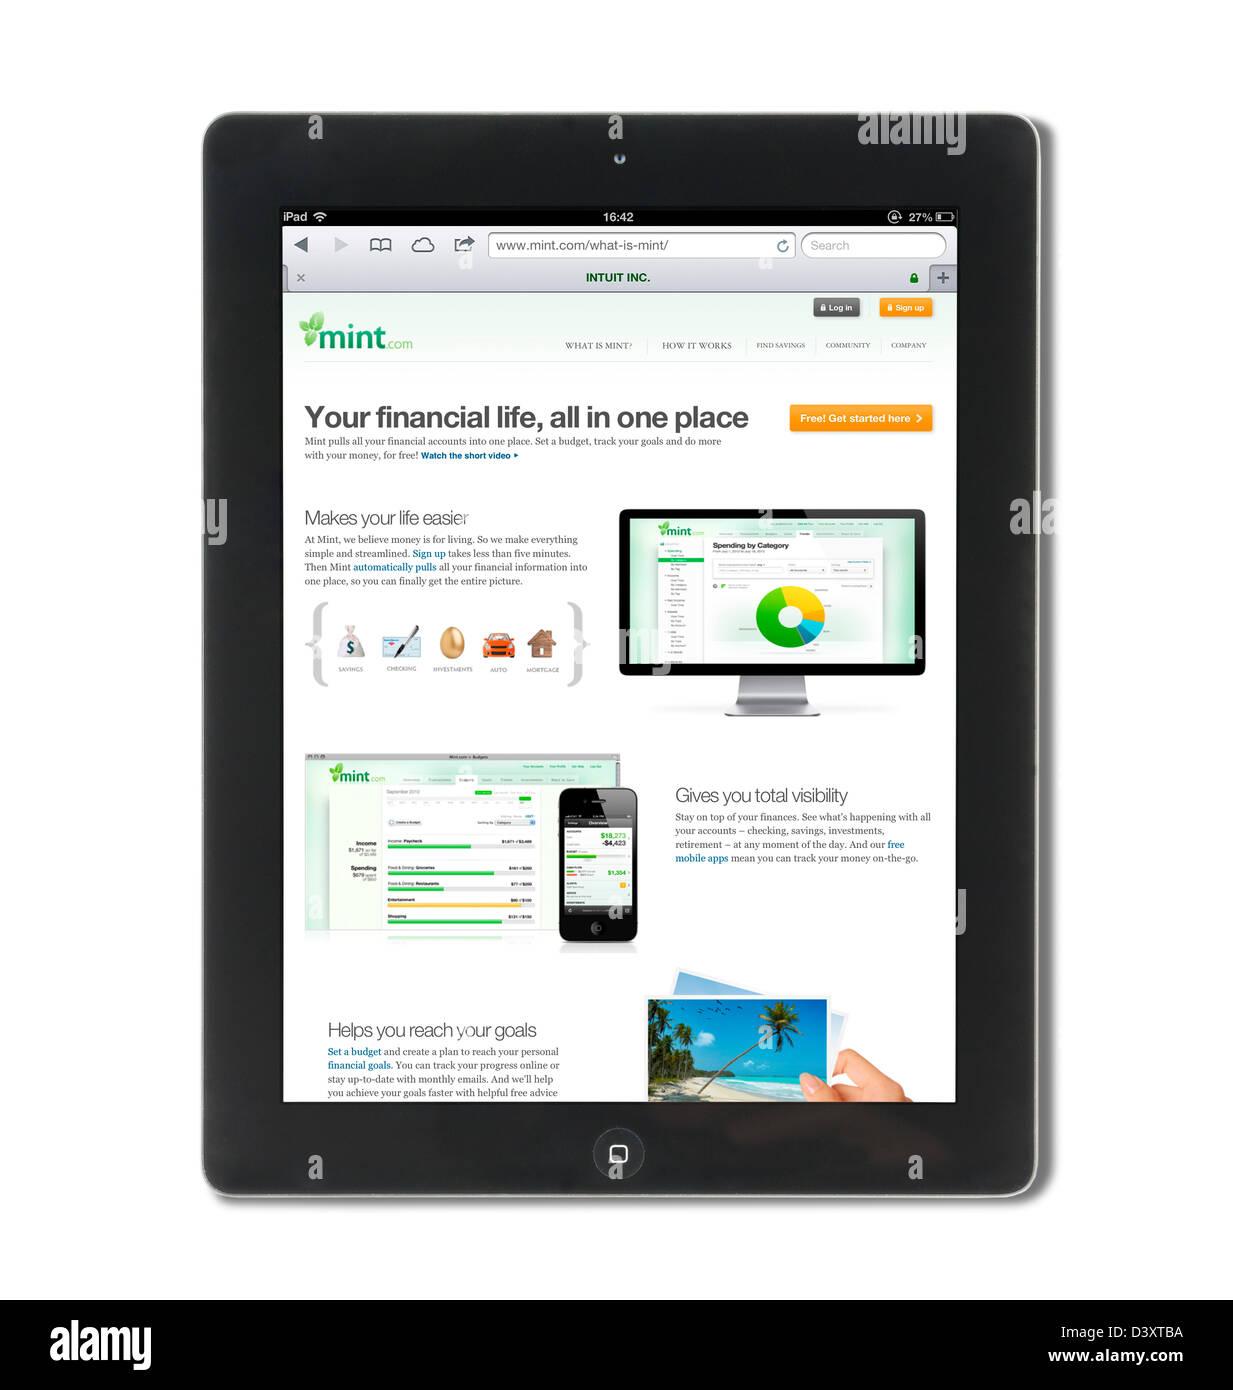 El mint.com gestión financiera basada en web service, EE.UU. Imagen De Stock